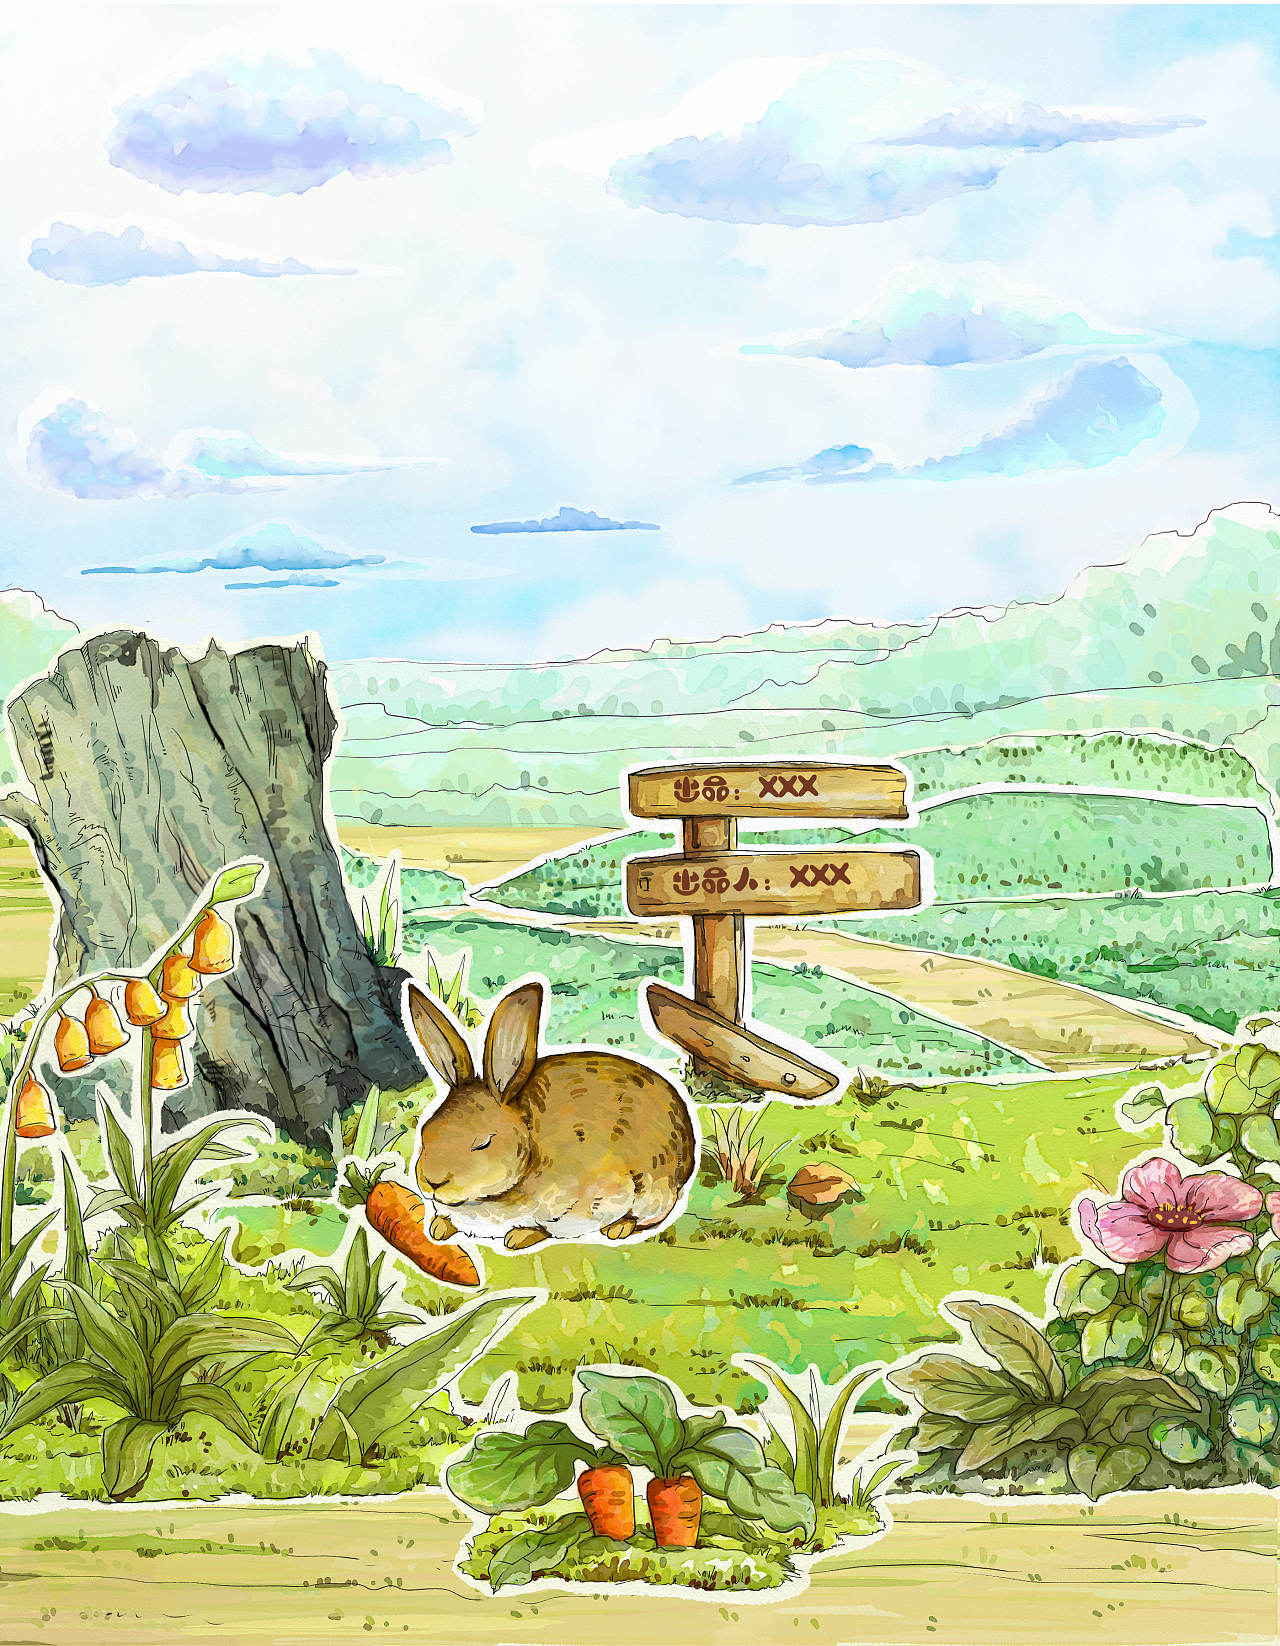 儿童插画欣赏|龟兔赛跑的故事,画的太精彩了(29图)